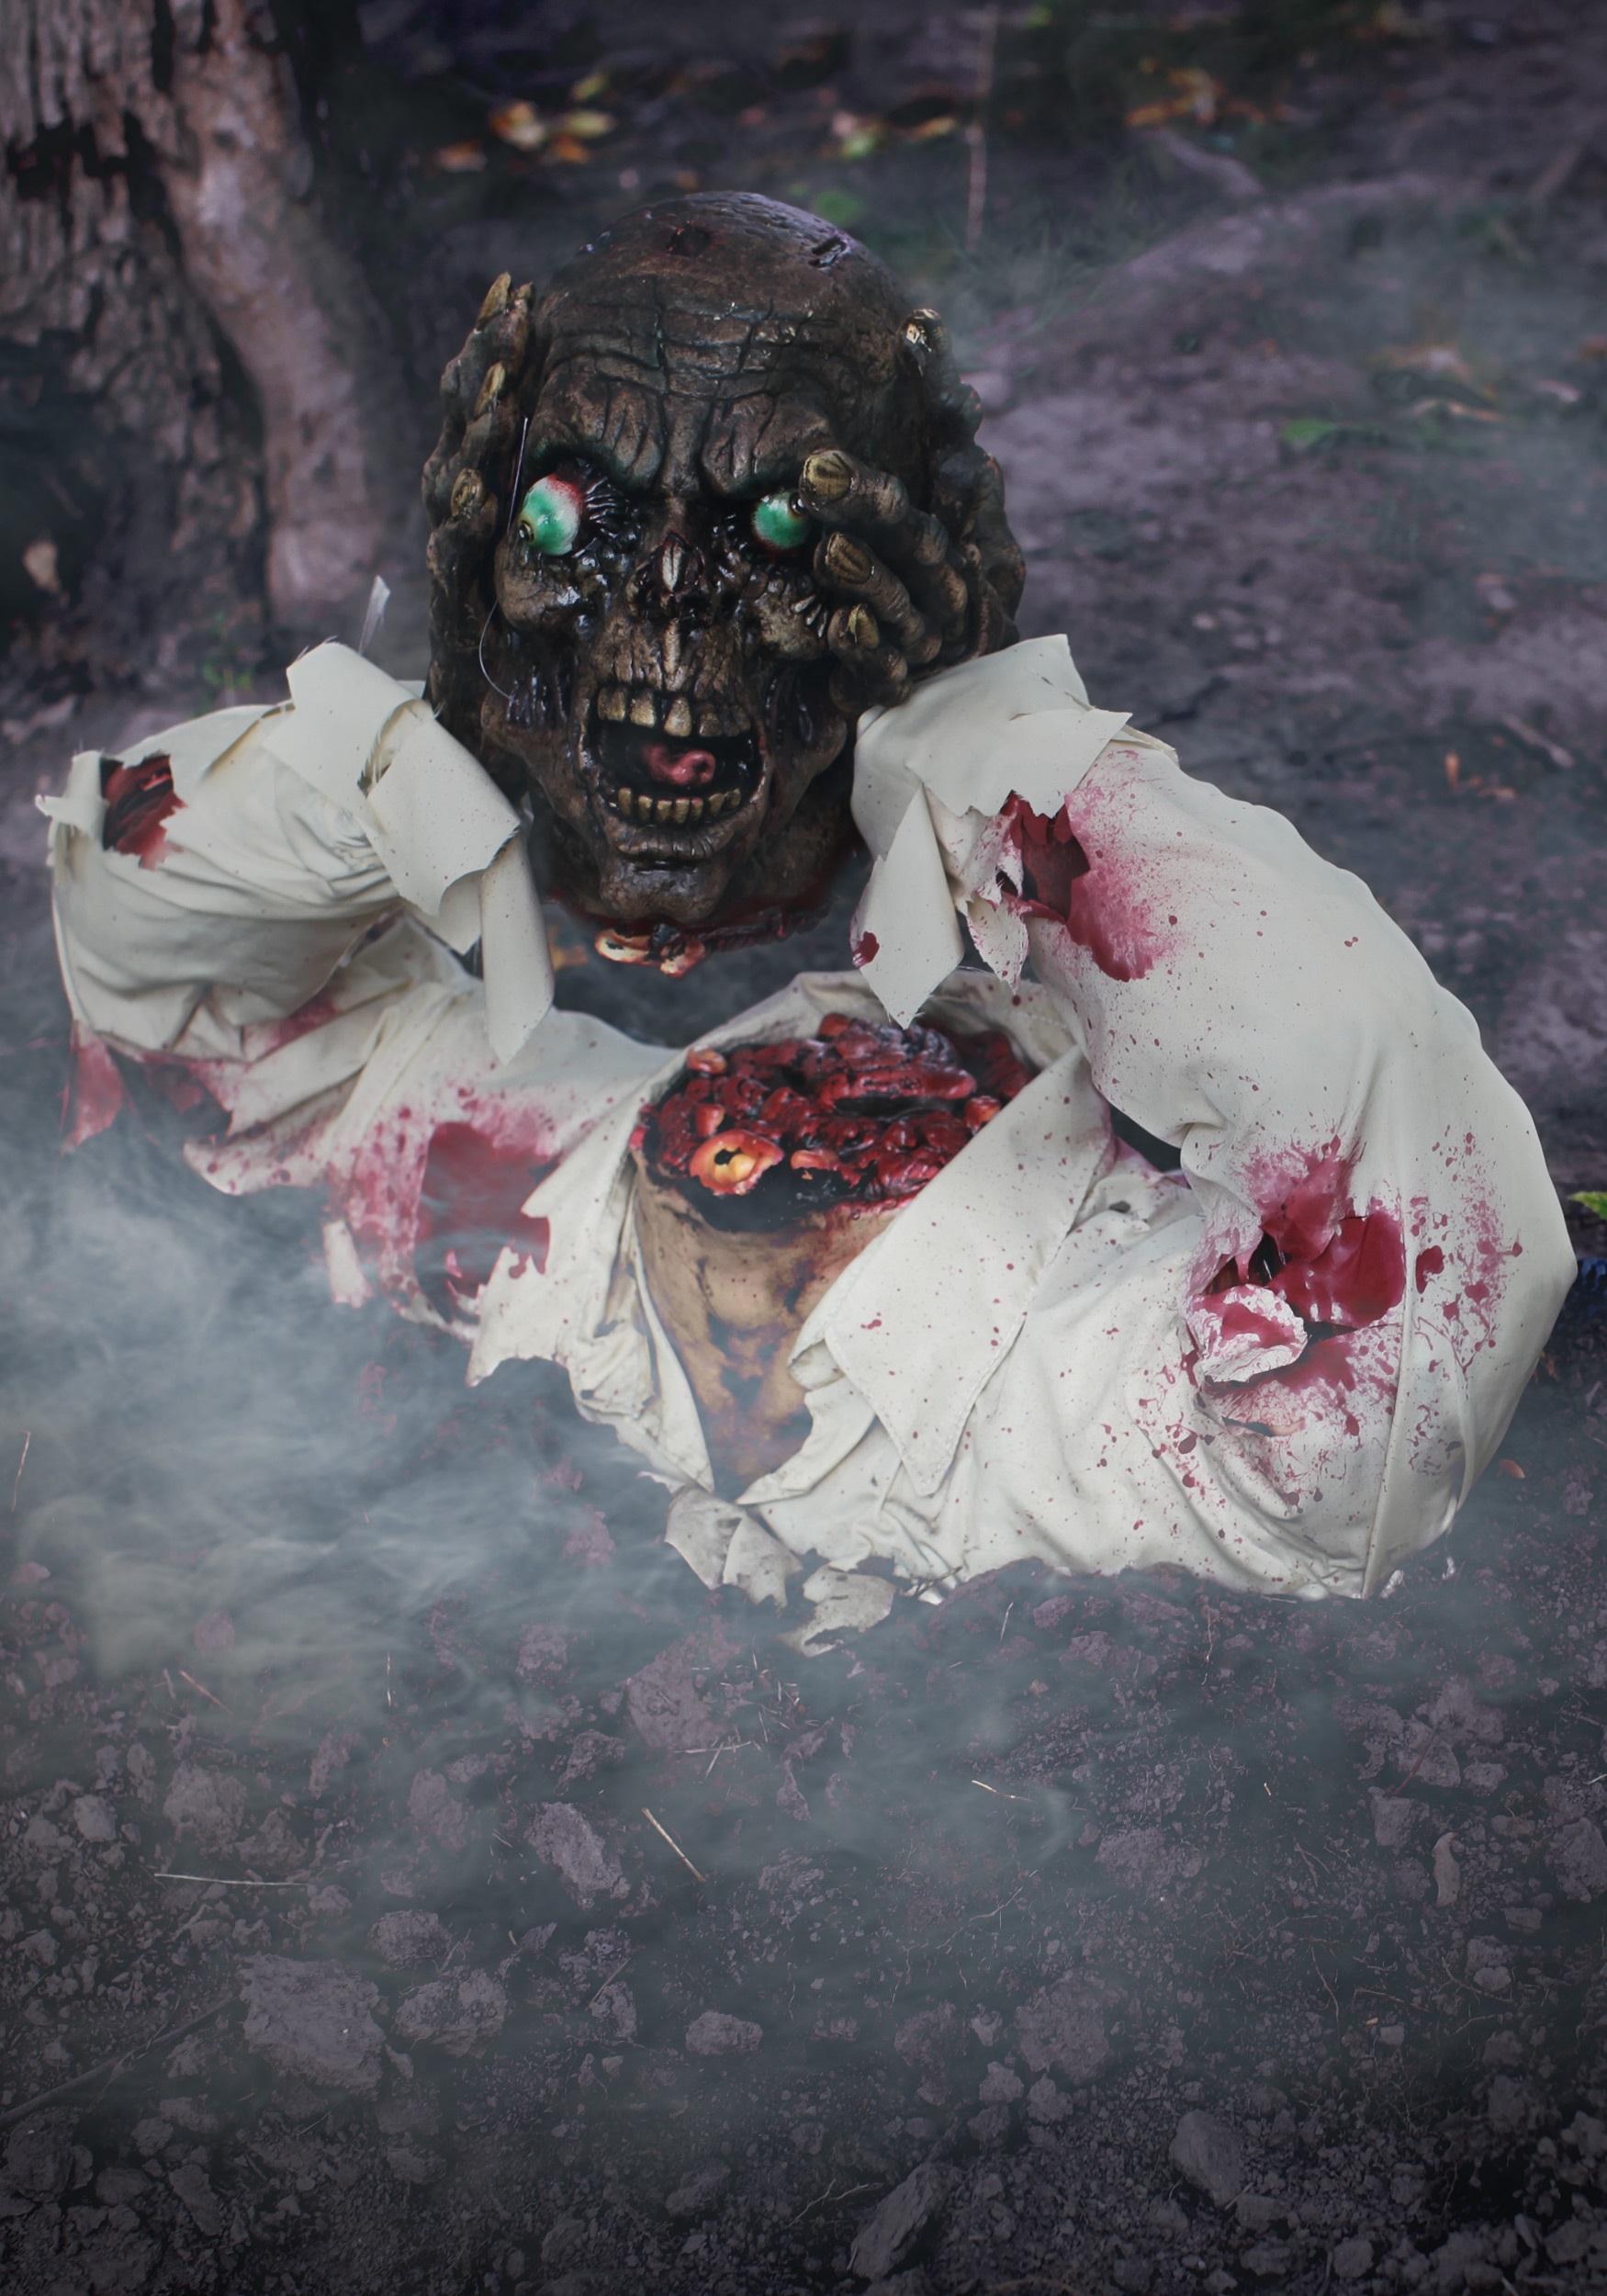 headless zombie - Zombie Decorations